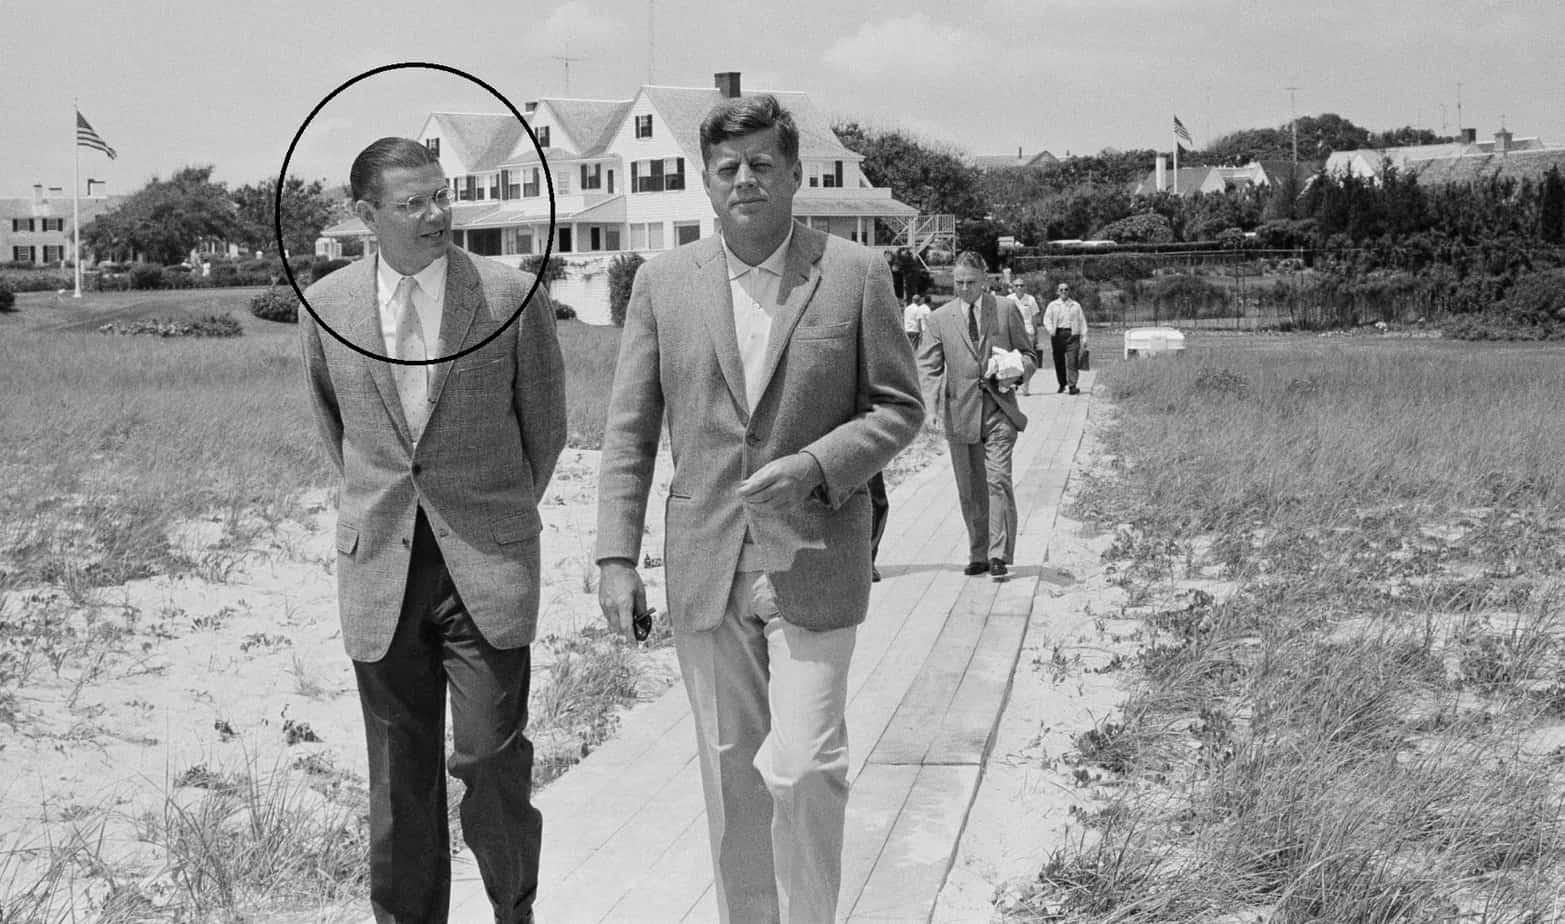 ¿Sabías que Robert McNamara, quien fuera secretario de Defensa de EE.UU durante la Guerra Fría vivió toda su infancia en Cuba?